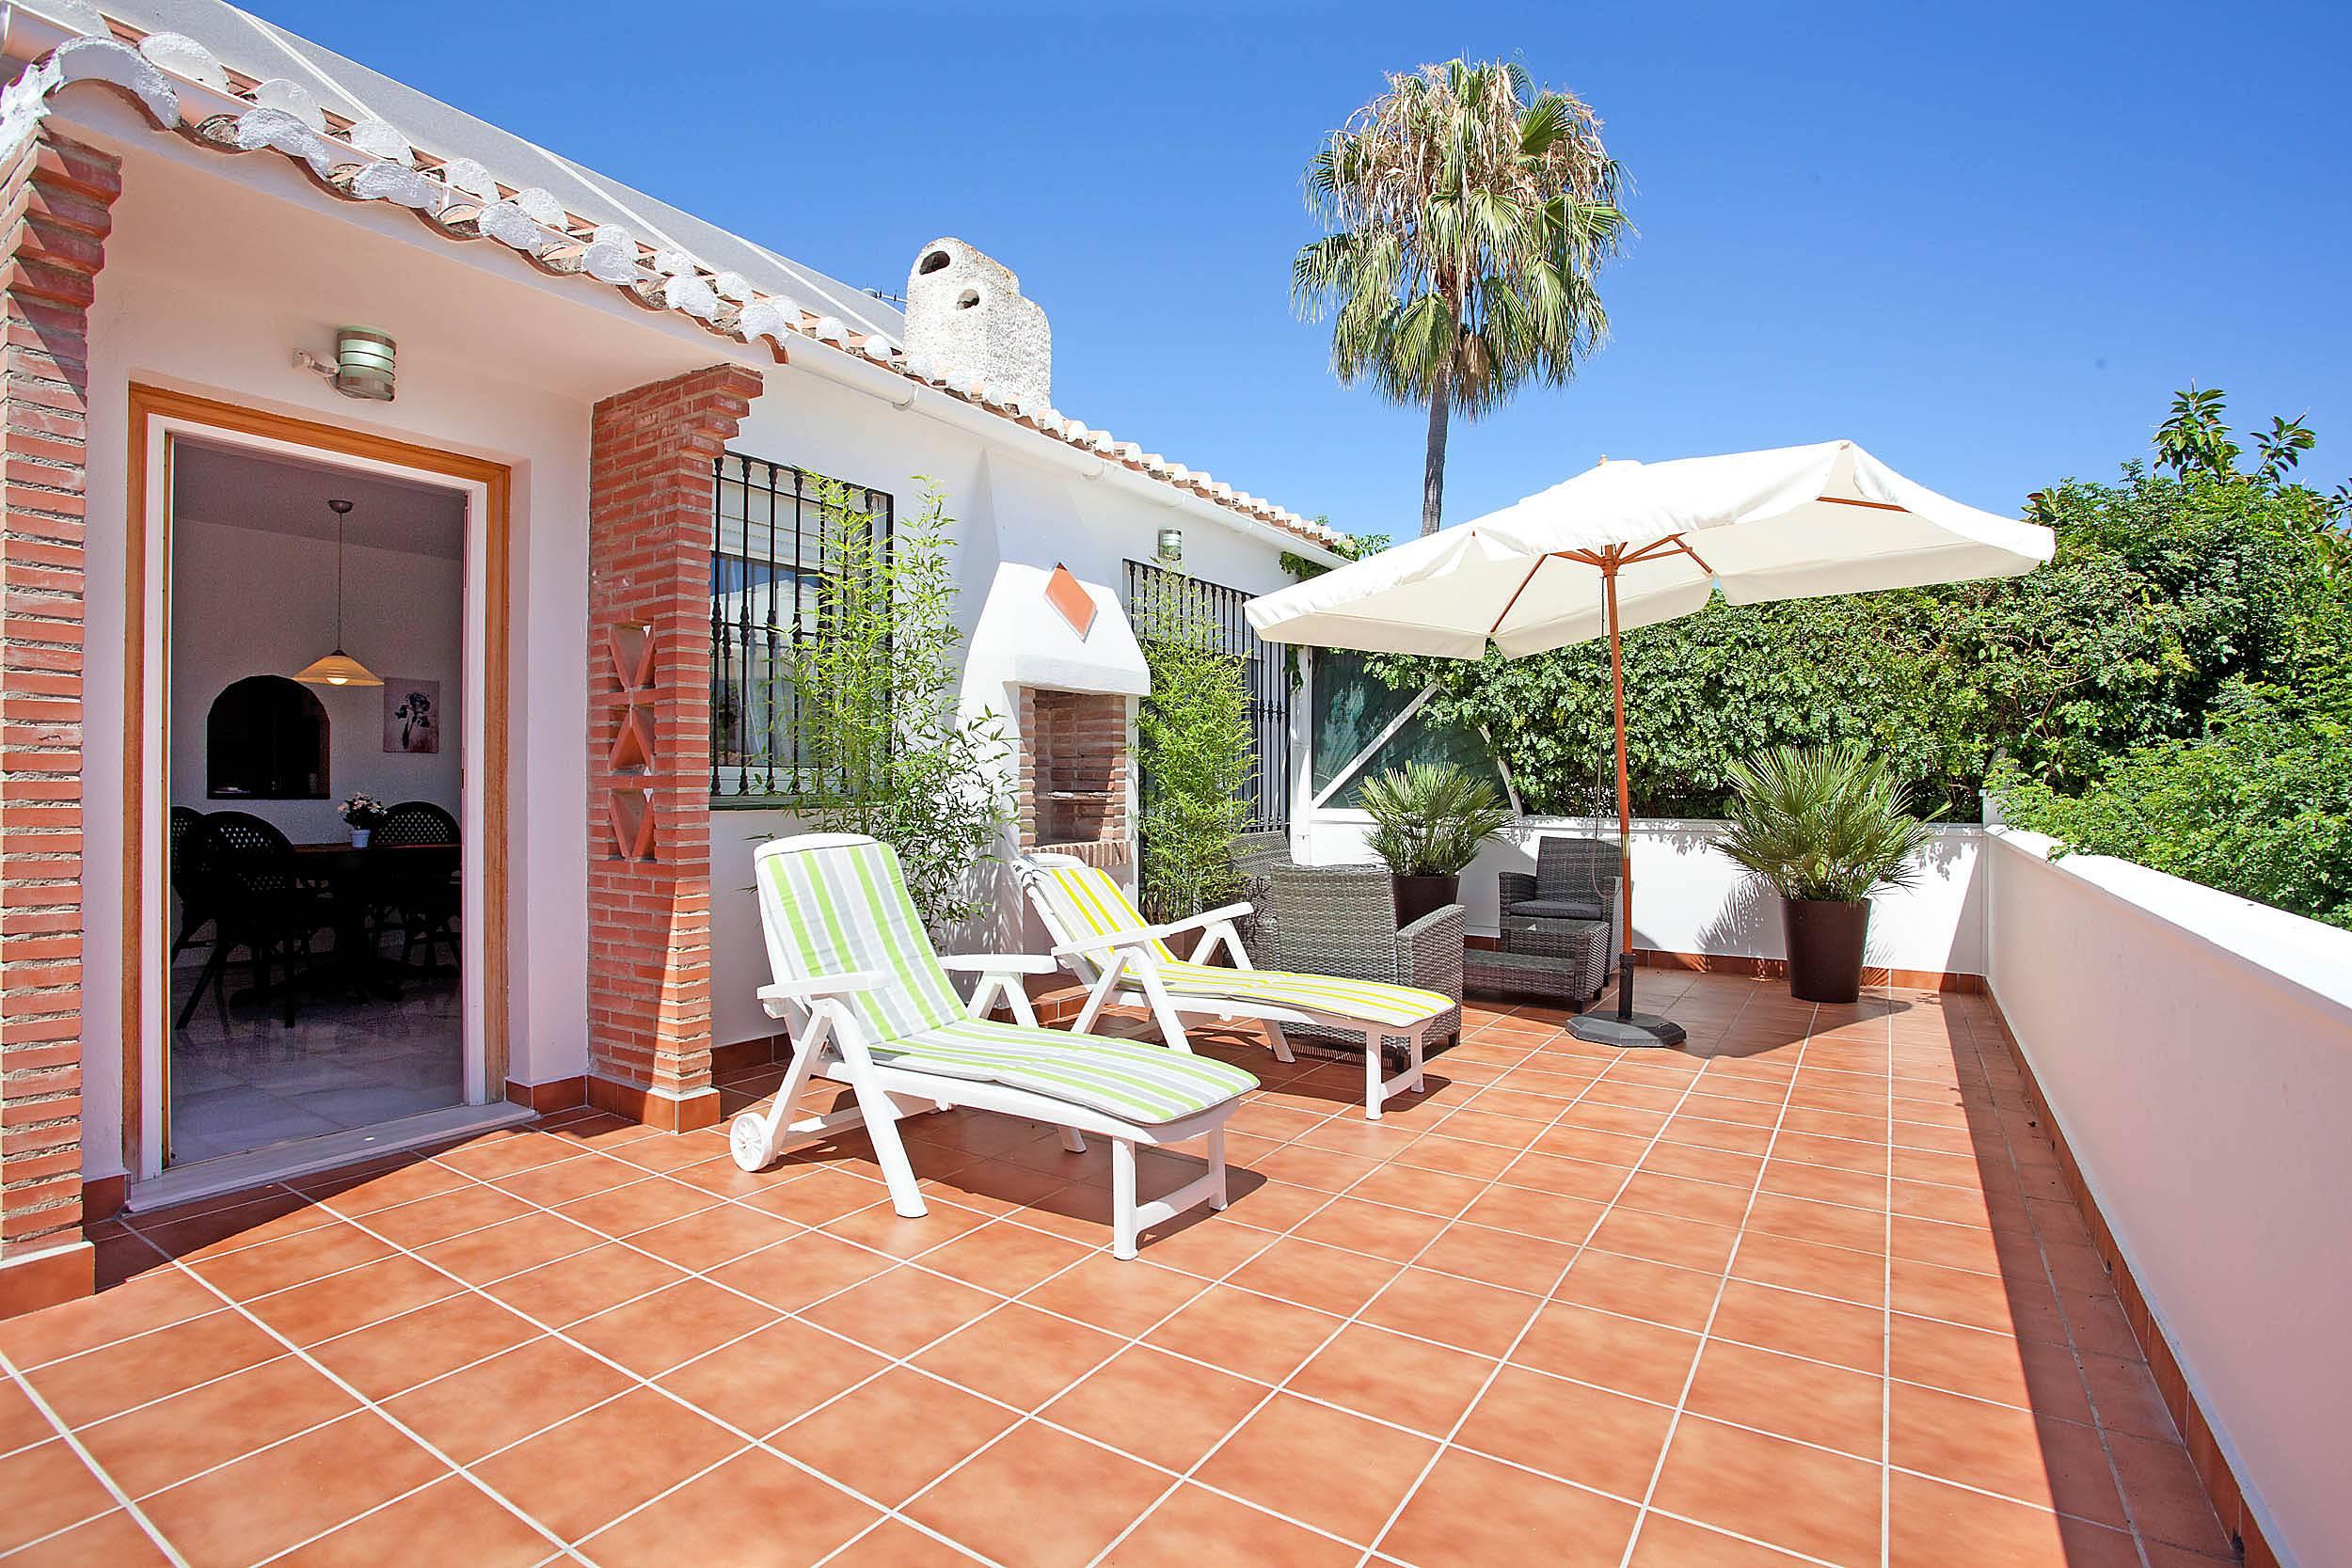 Casa para 4 personas a 250 m de la playa marbella for La clave marbella